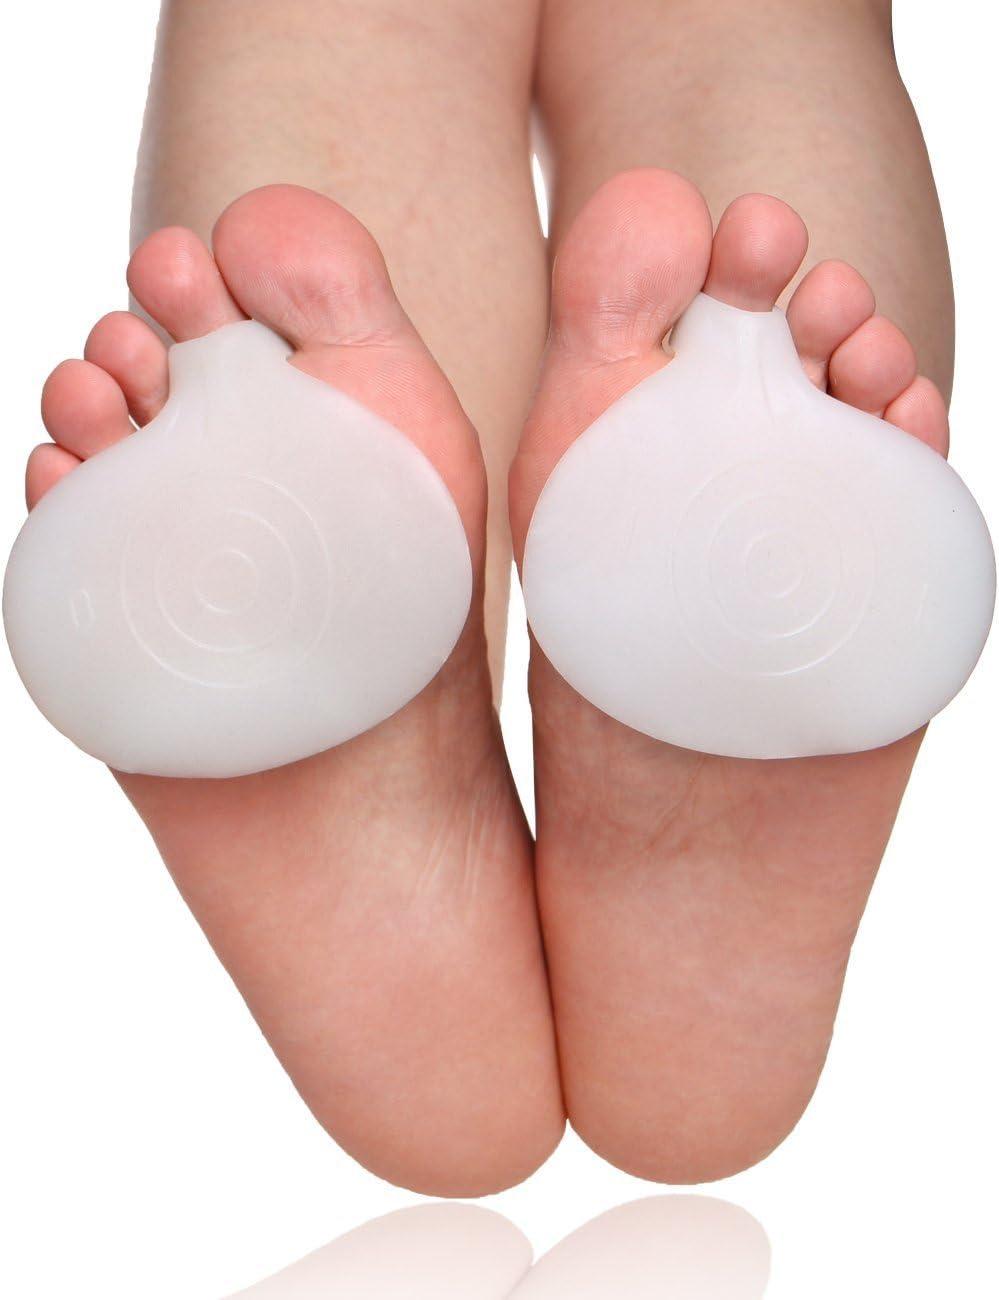 2 pares de almohadillas de pie para cojines de metatarsianos alivio del dolor - fascitis plantar y metatarsalgia Alivio inmediato del dolor, prevenir callos, ampolla